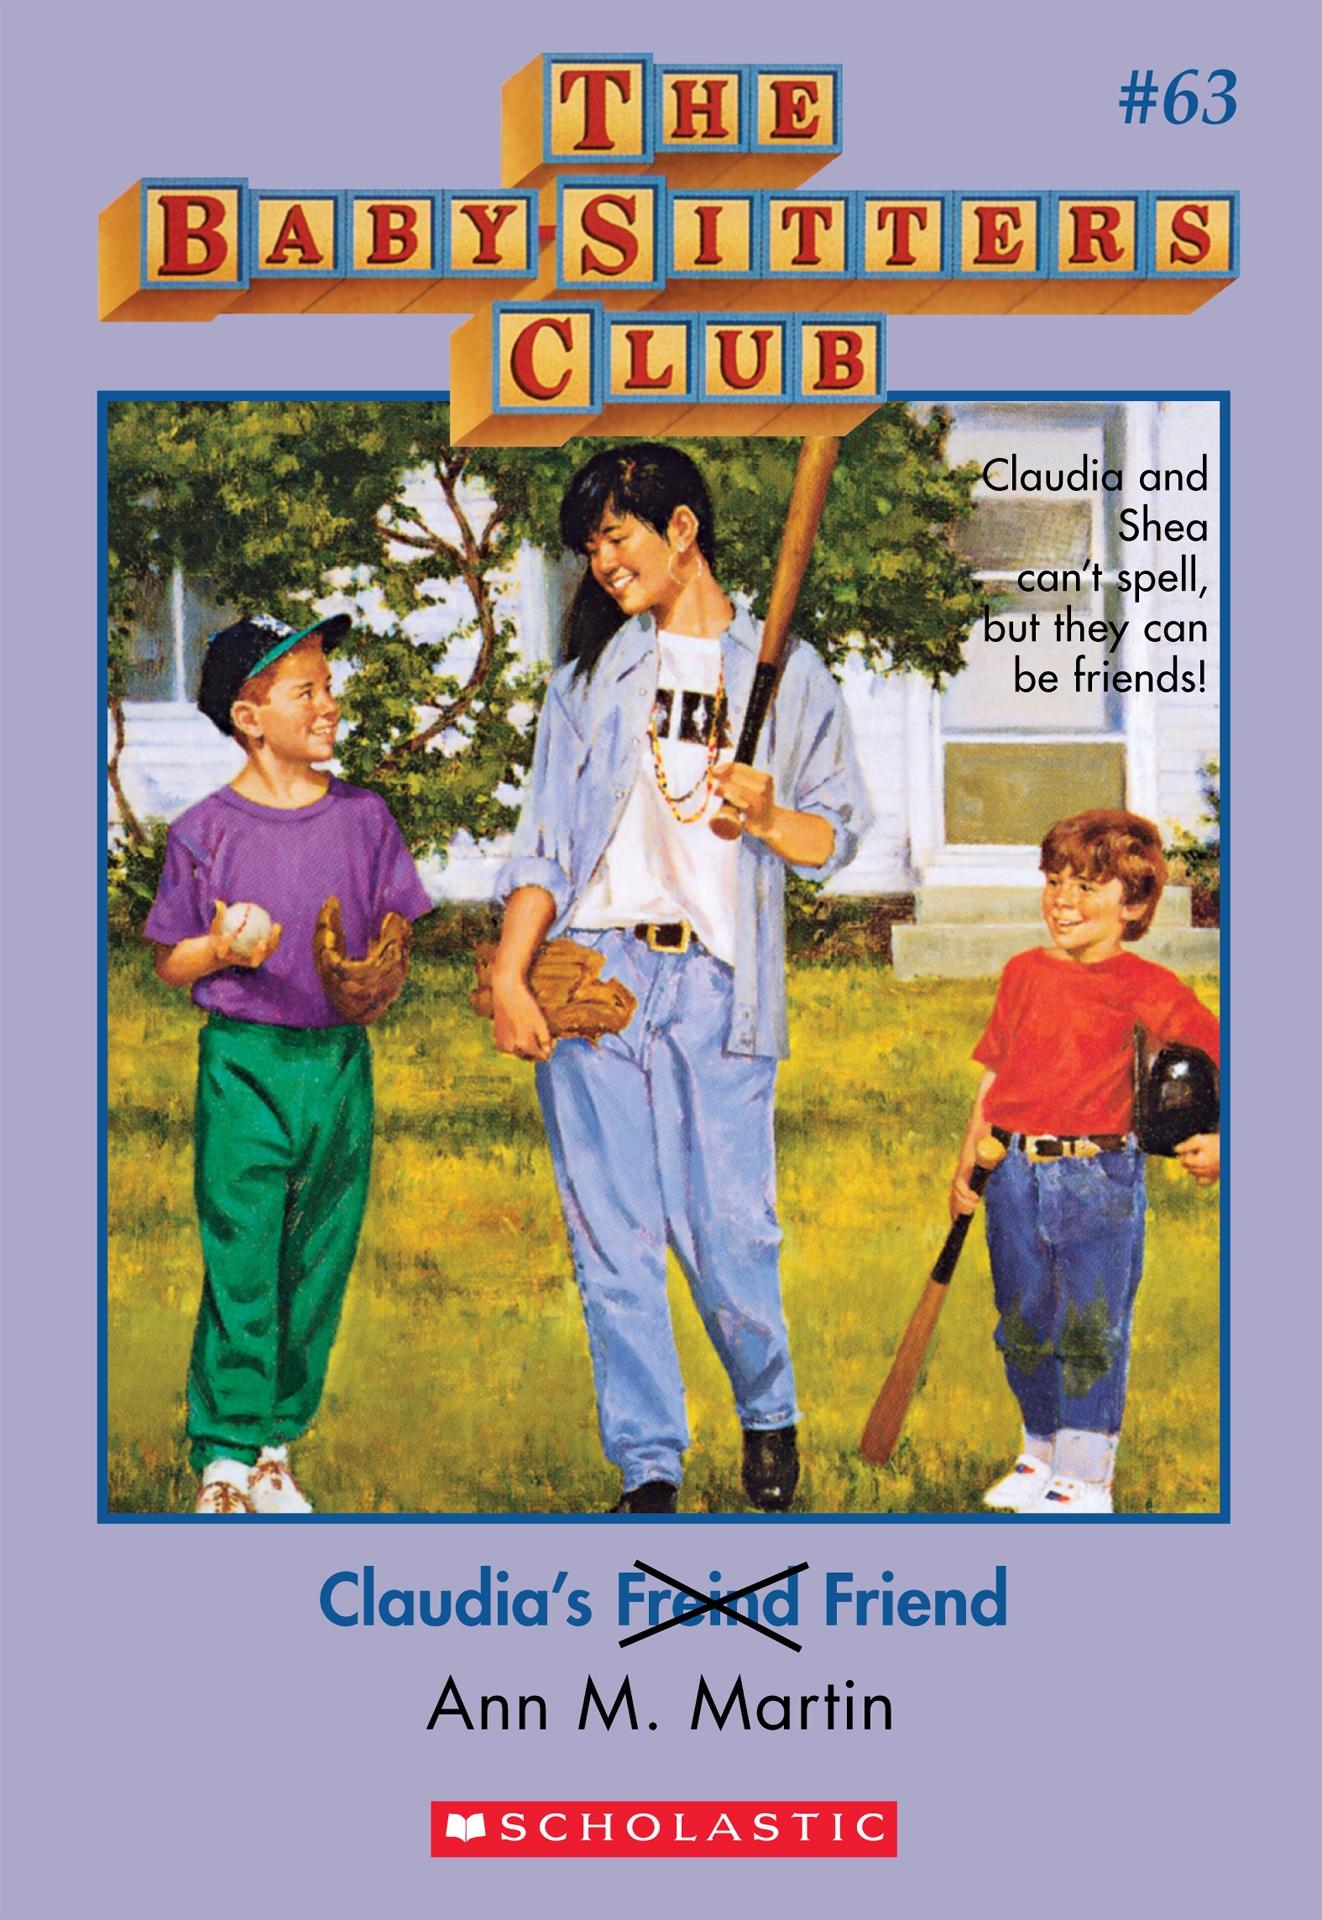 Claudia's F̶r̶e̶i̶n̶d̶ Friend